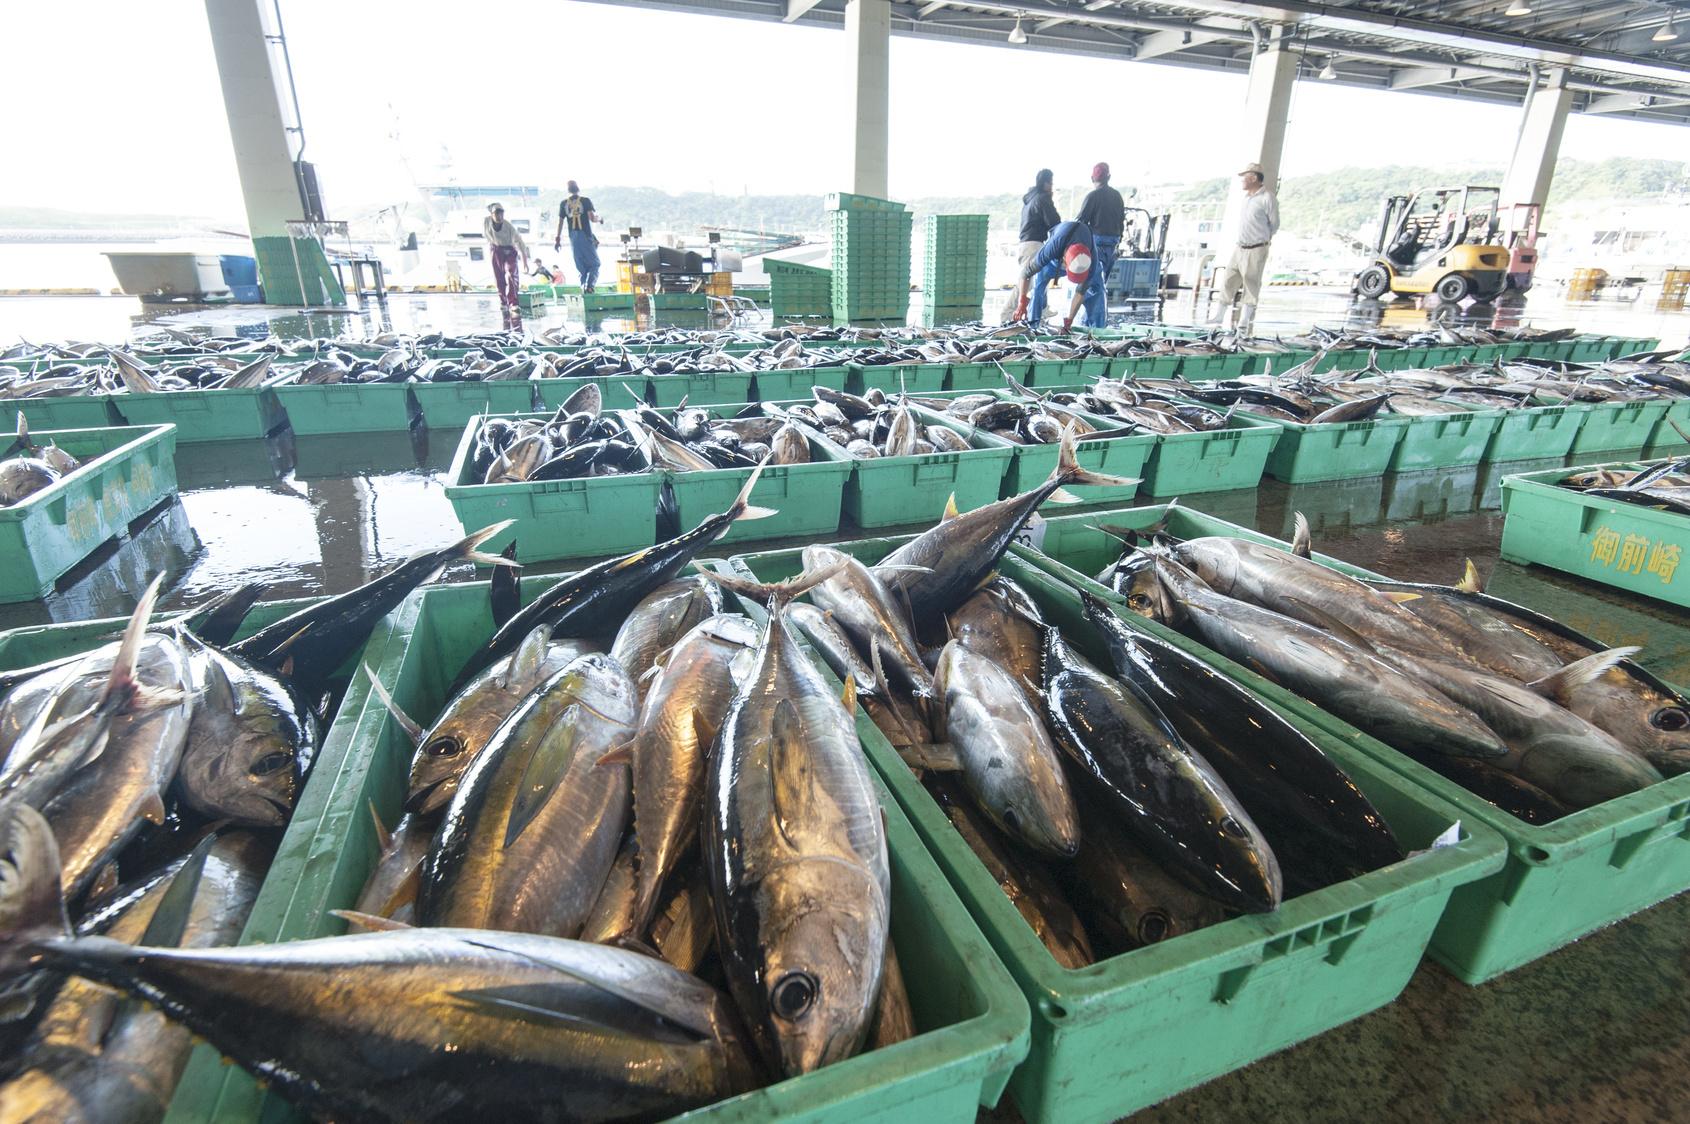 経済は「魚」で動く!?この50年で5倍に増えた「魚の消費量」